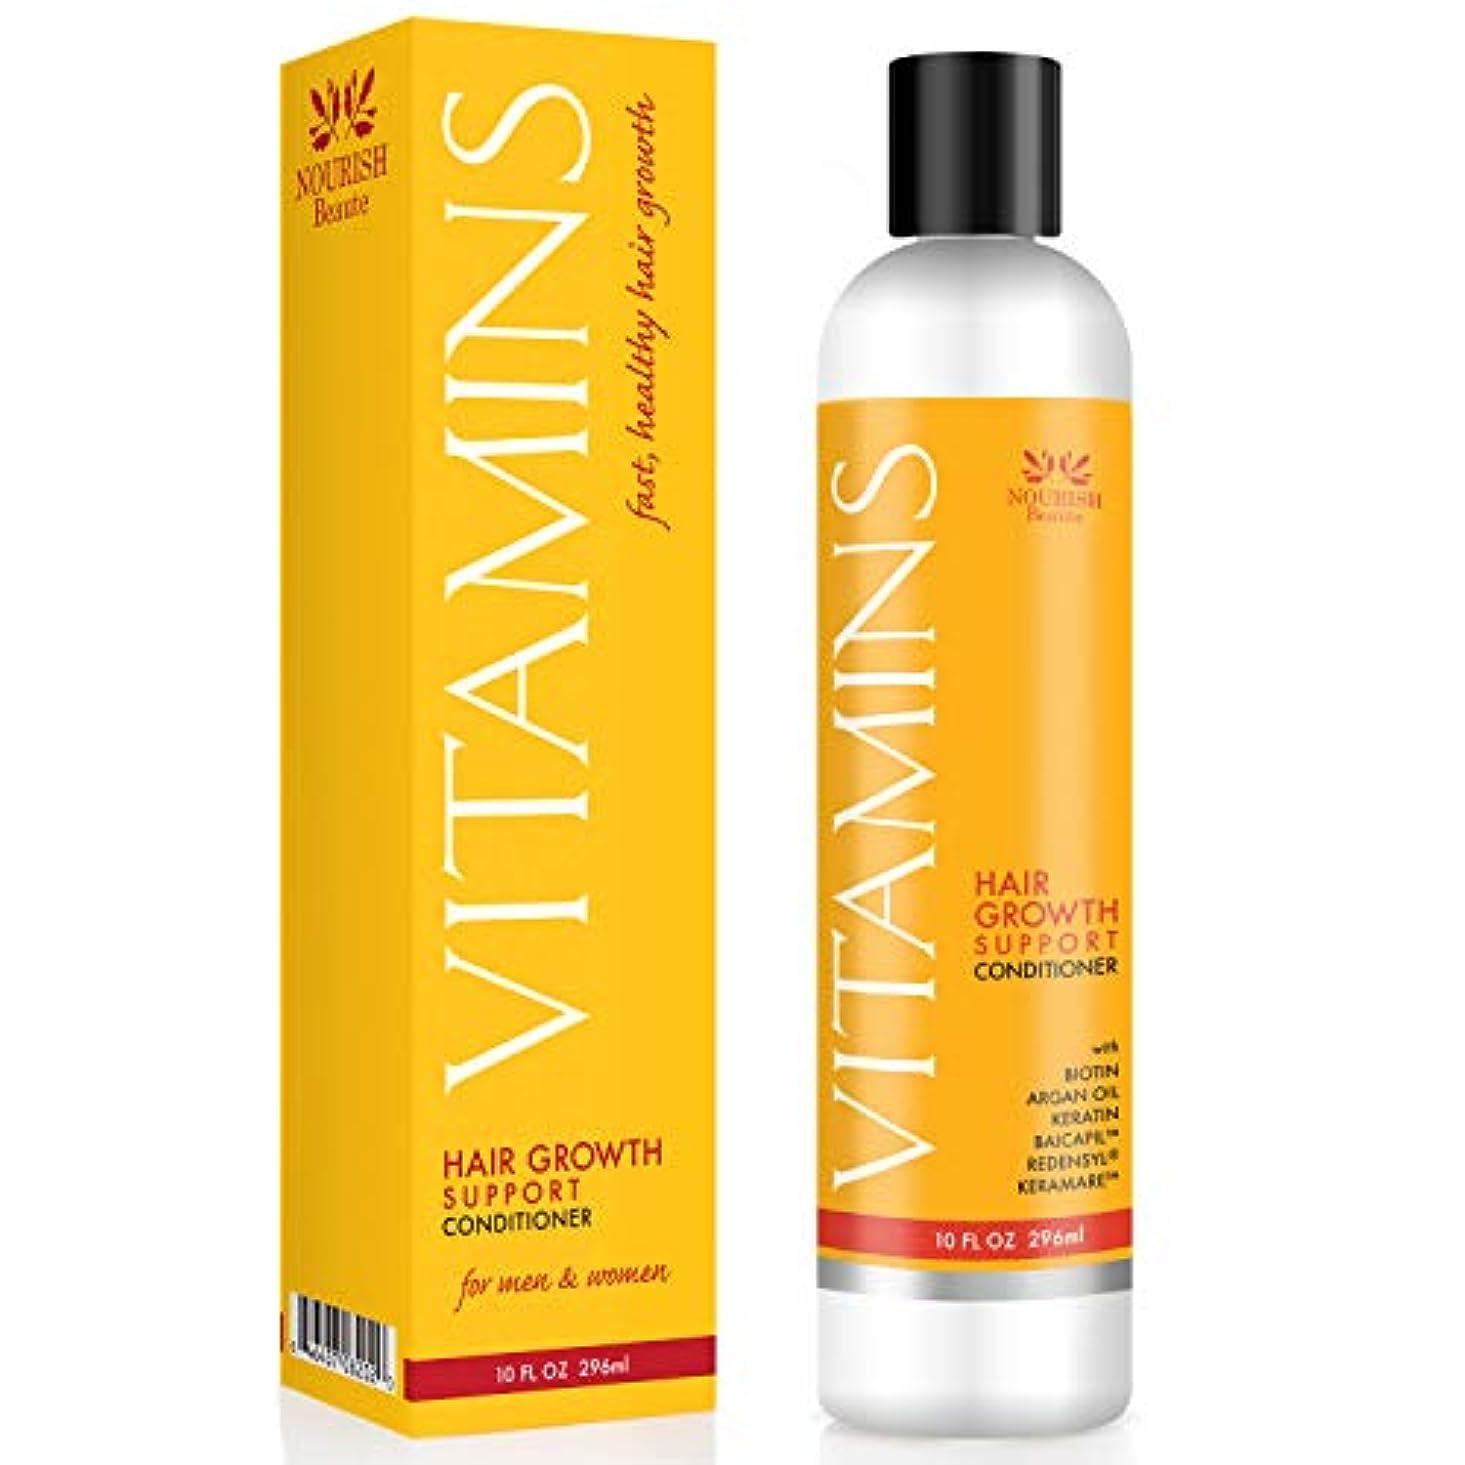 レンディションスチュアート島とても多くのVitamins - オーガニック 脱毛トリートメント コンディショナー Organic Hair Loss Treatment and Conditioner, 10 Ounce (296ml)